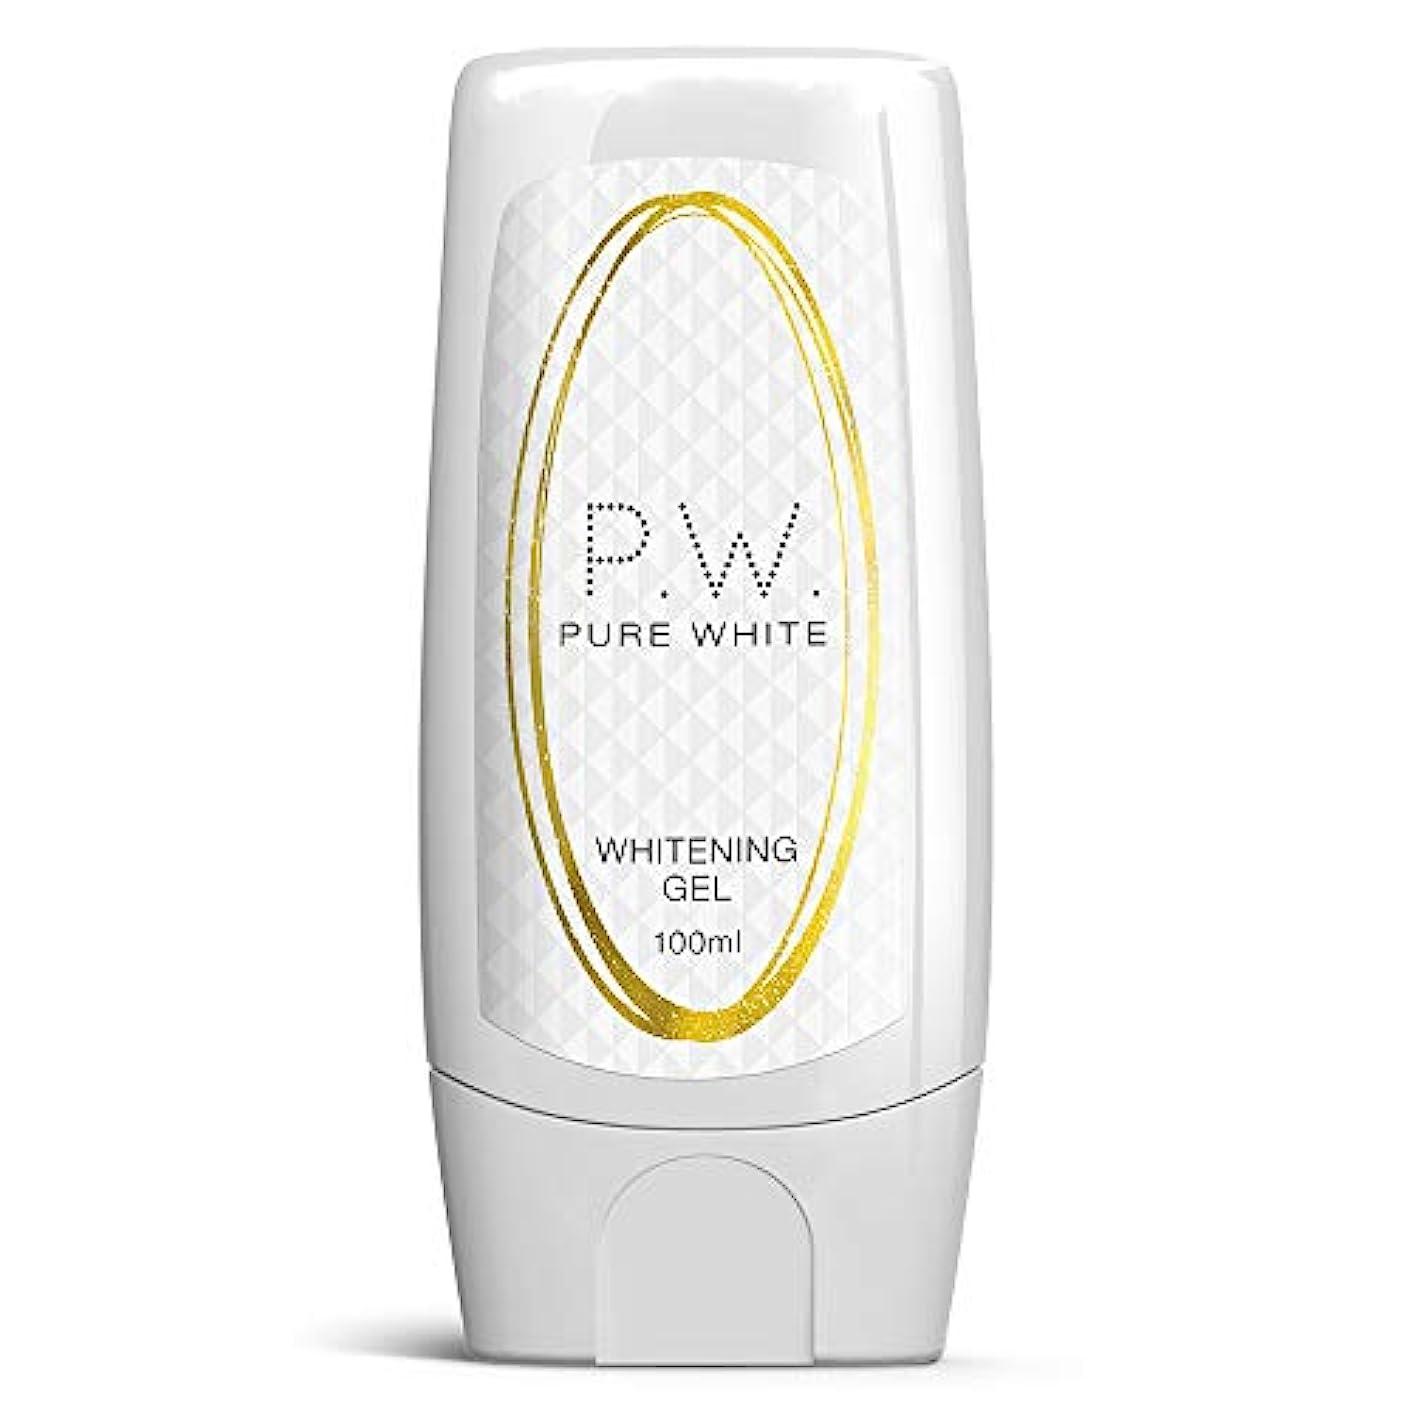 オリエンタルシリング不忠Pure White Whitening Gel ピュアホワイトホワイトニングジェルの美白は、肝斑PATCHES MAXの強度を停止します Pyuahowaitohowaitoningujeru no bihaku wa...